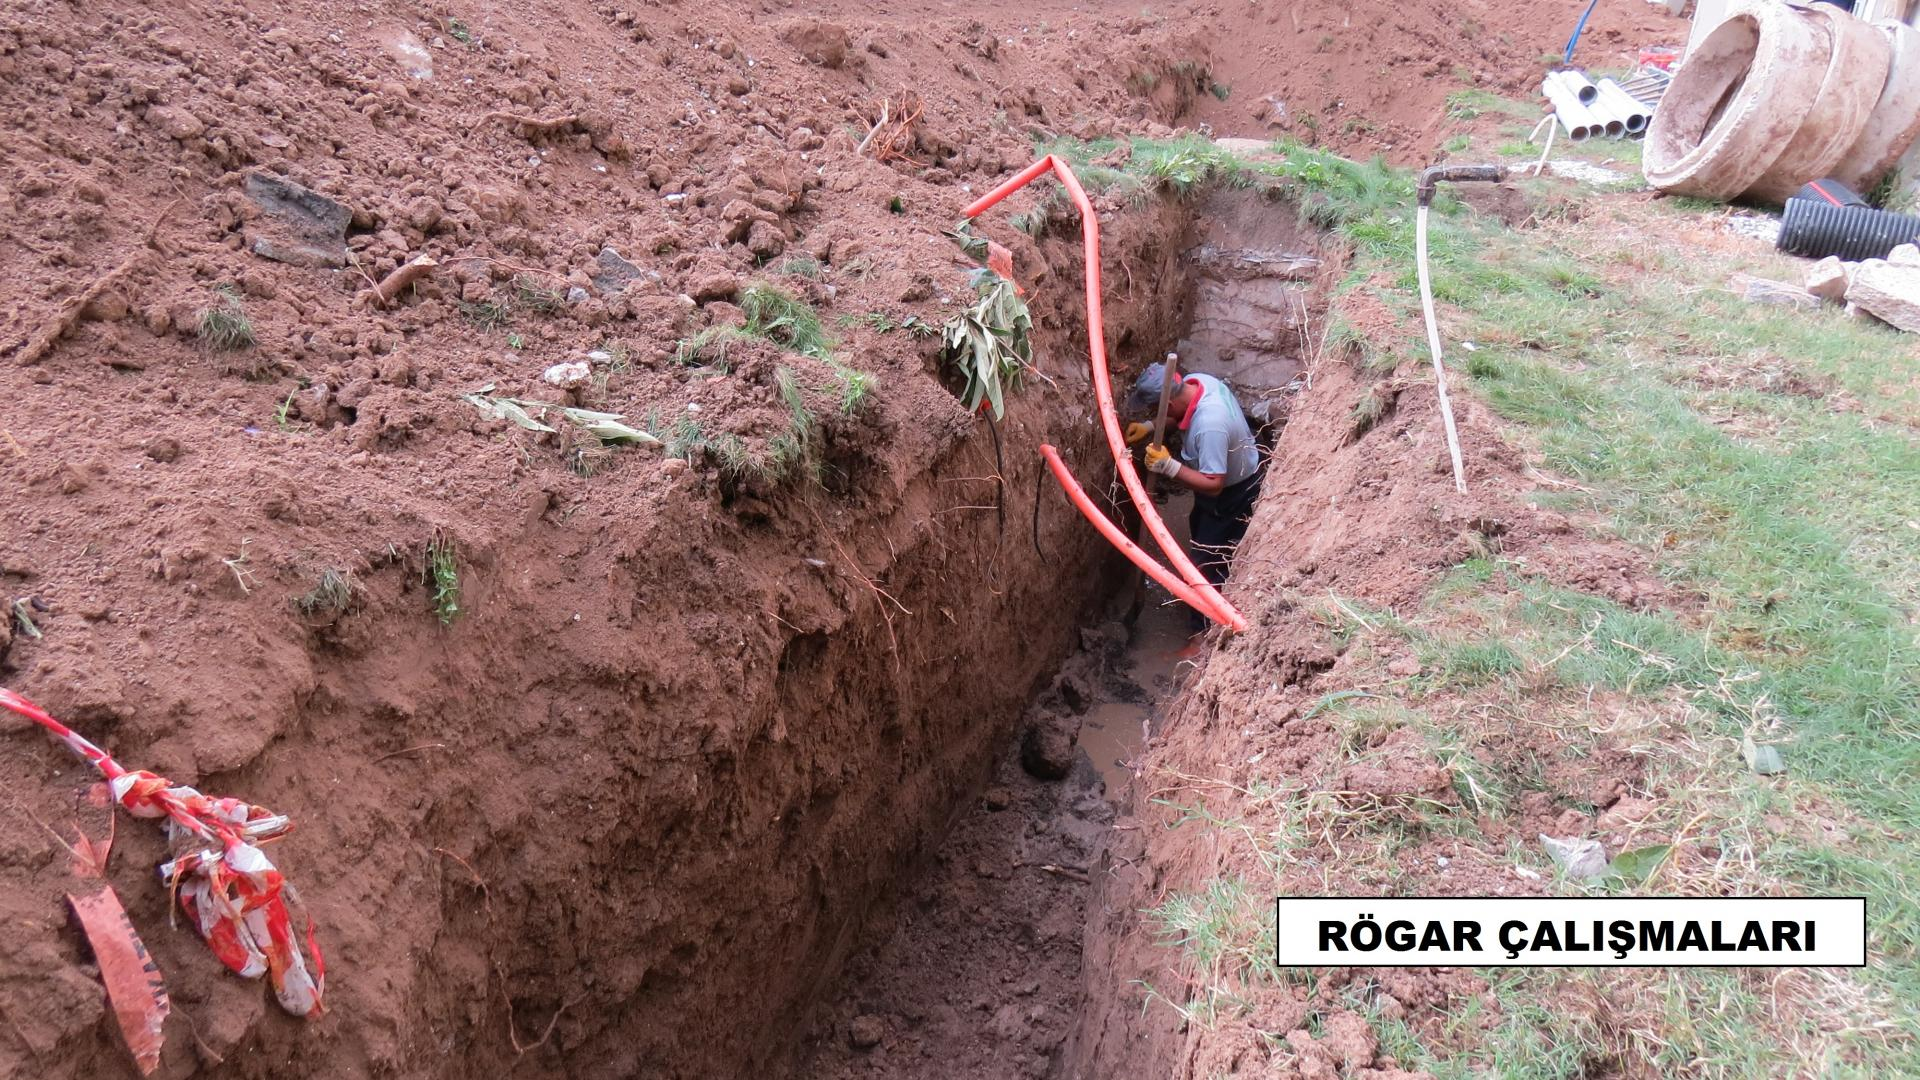 Rögar Çalışmaları 1485076824 755